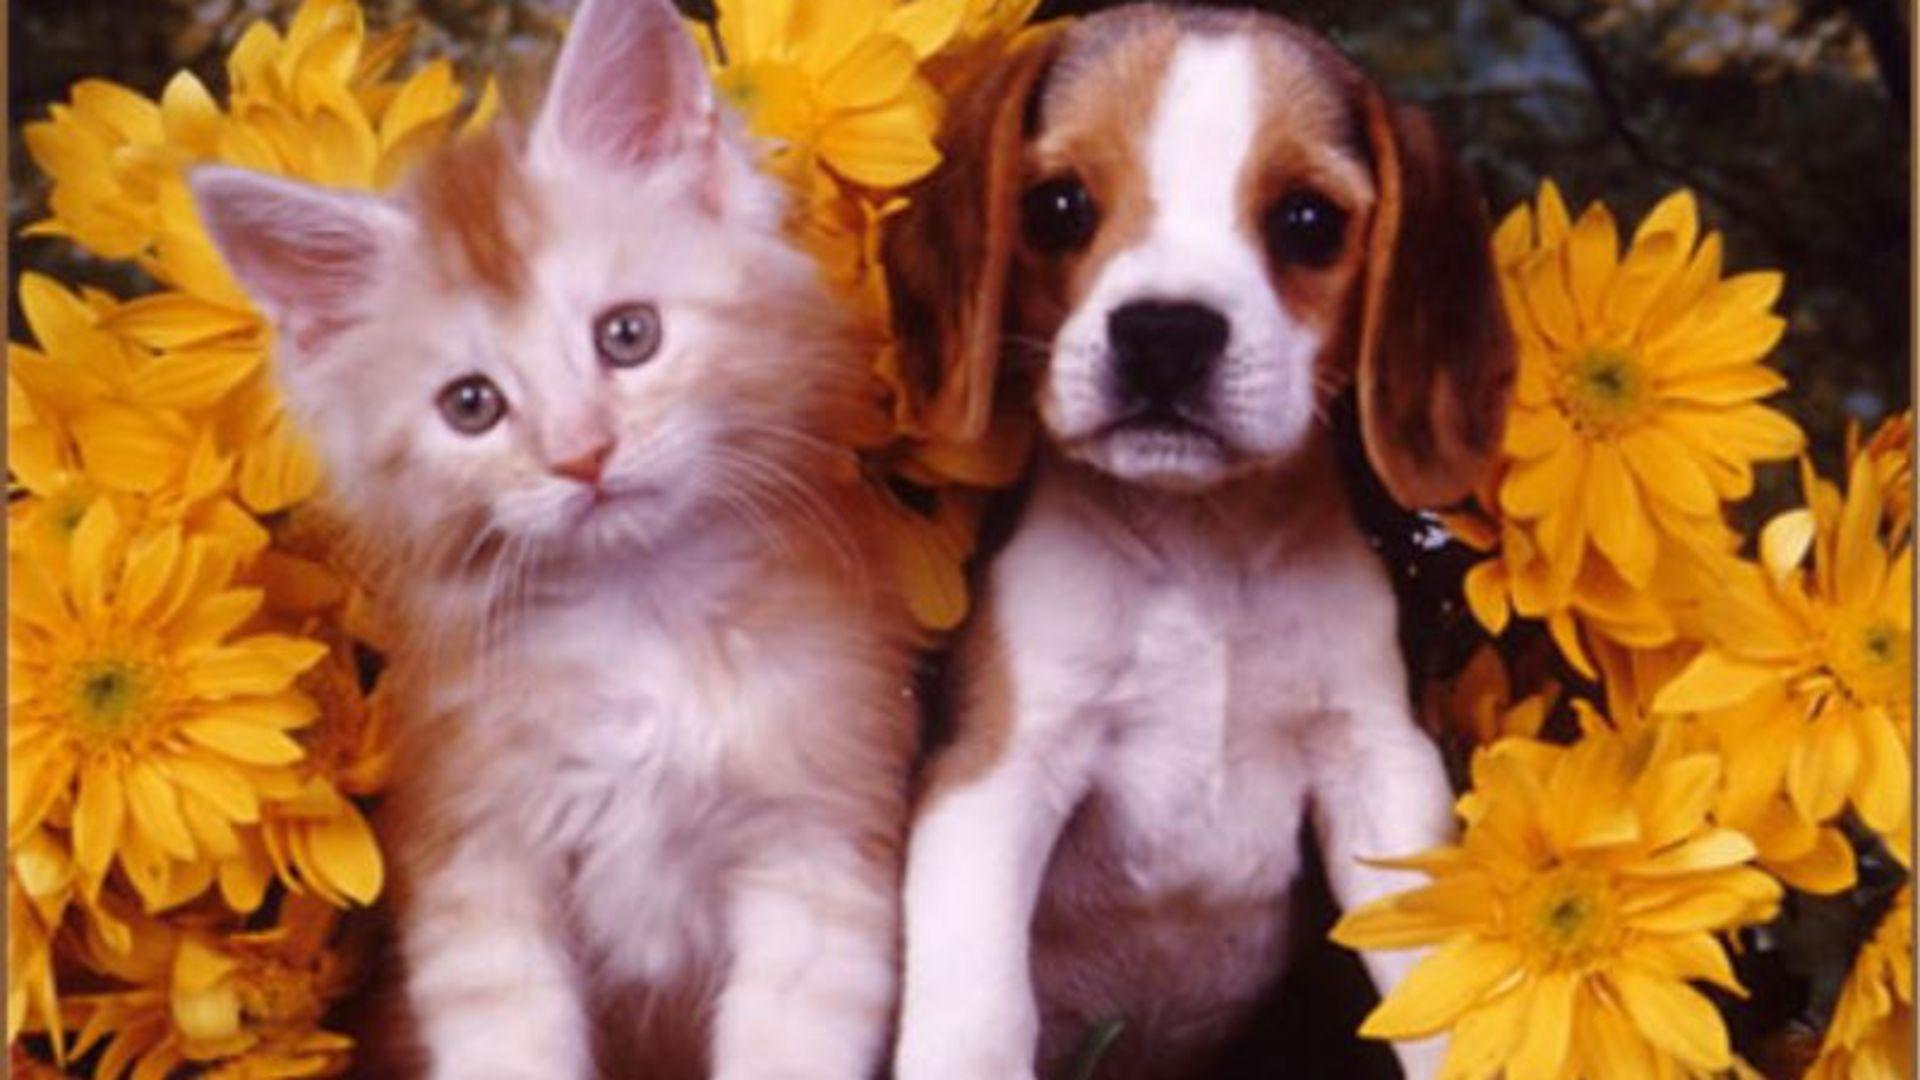 Cute Flowers - Flower